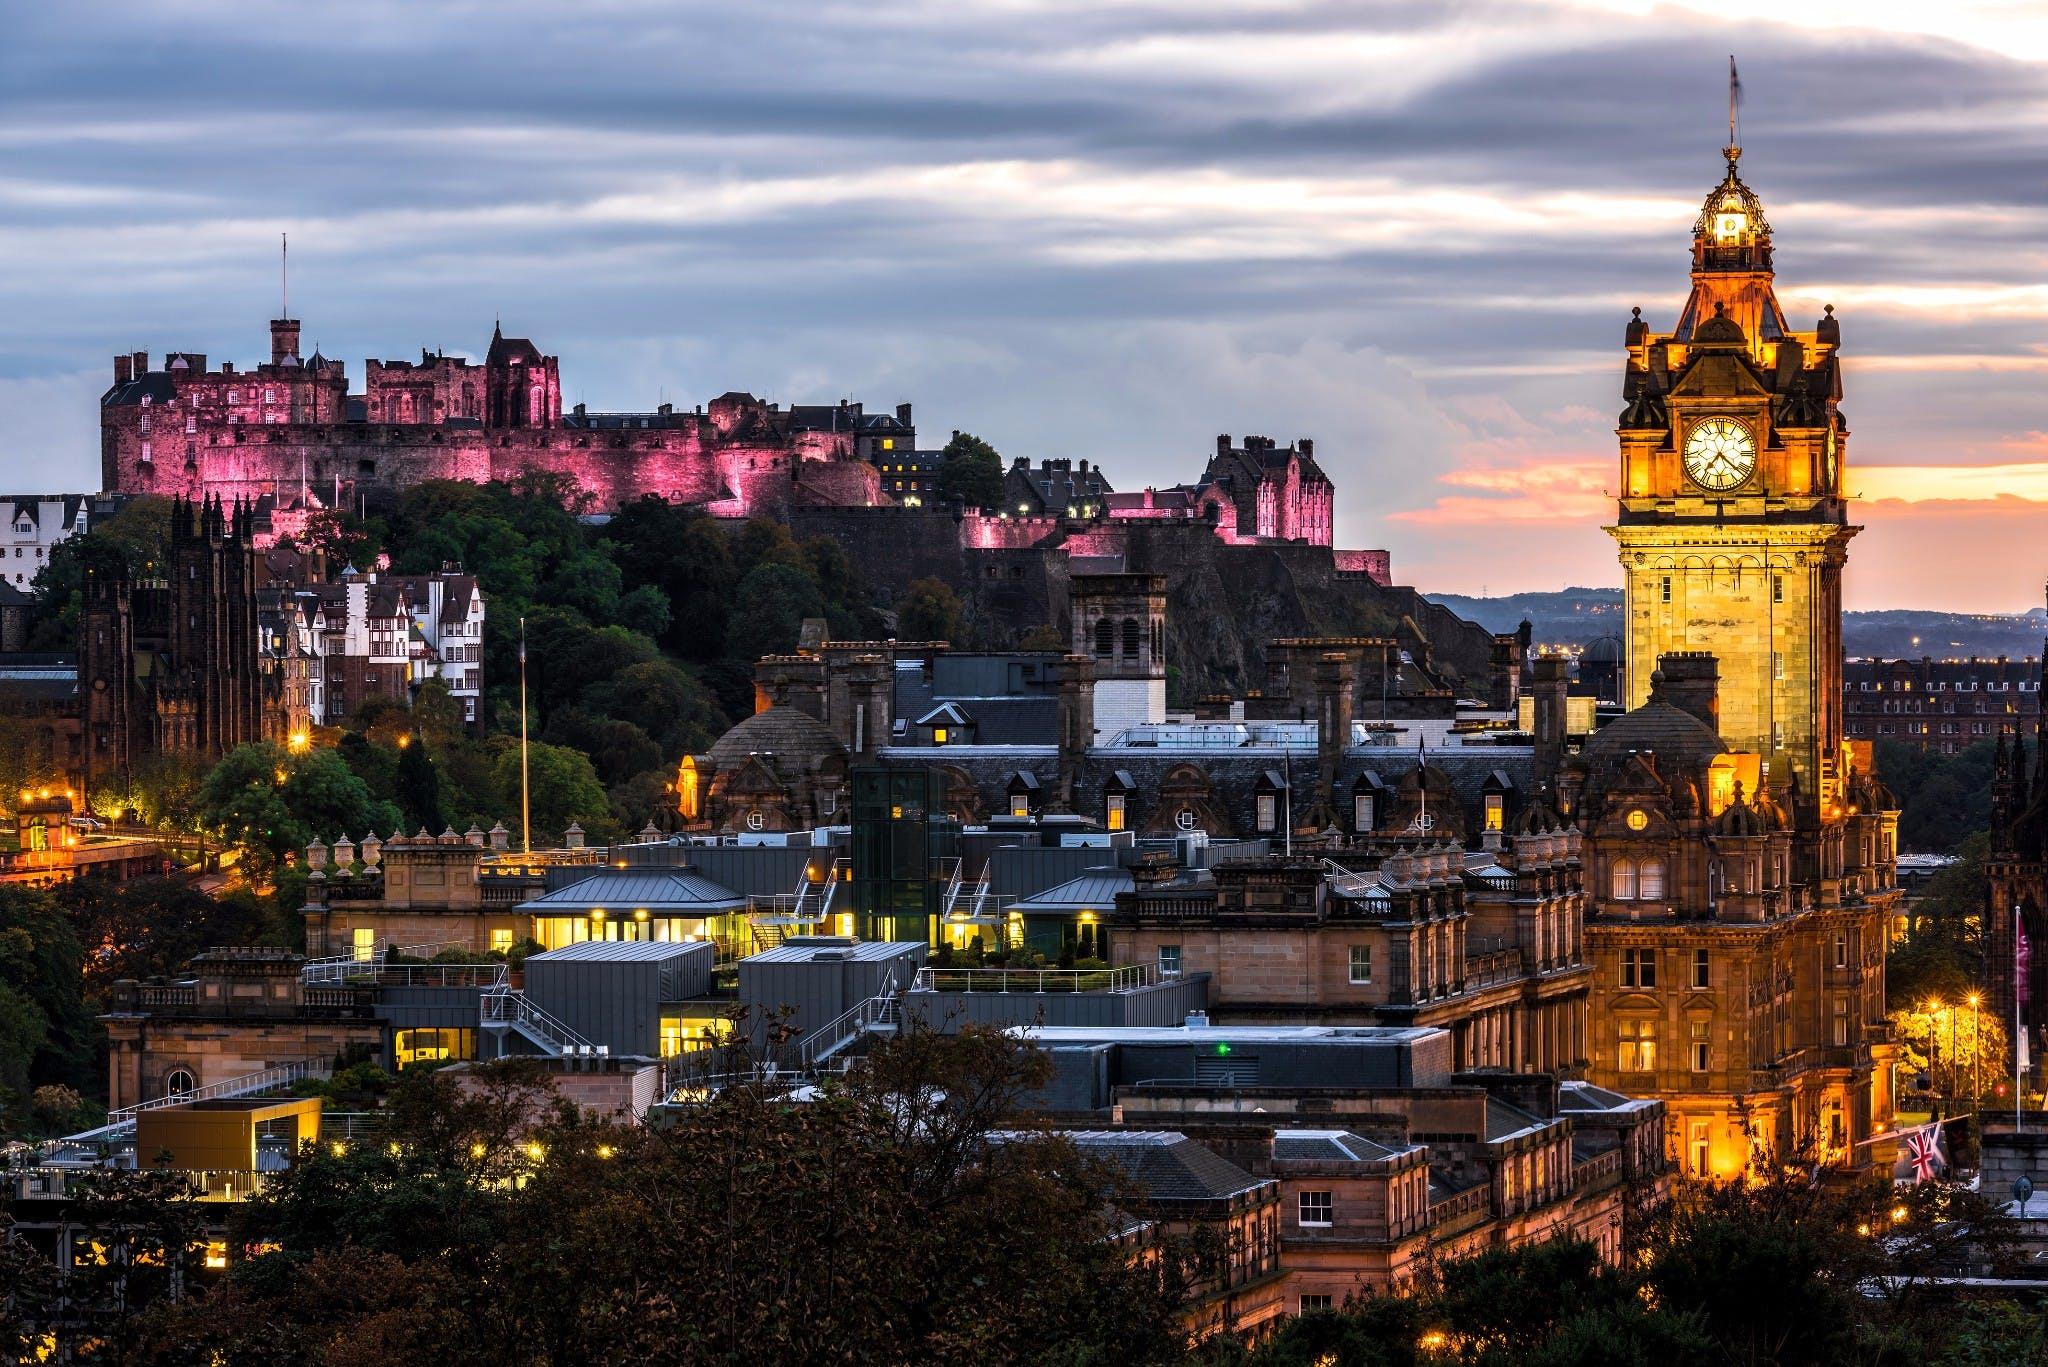 Guia de Edimburgo, na Escócia | CI Intercâmbio e Viagem